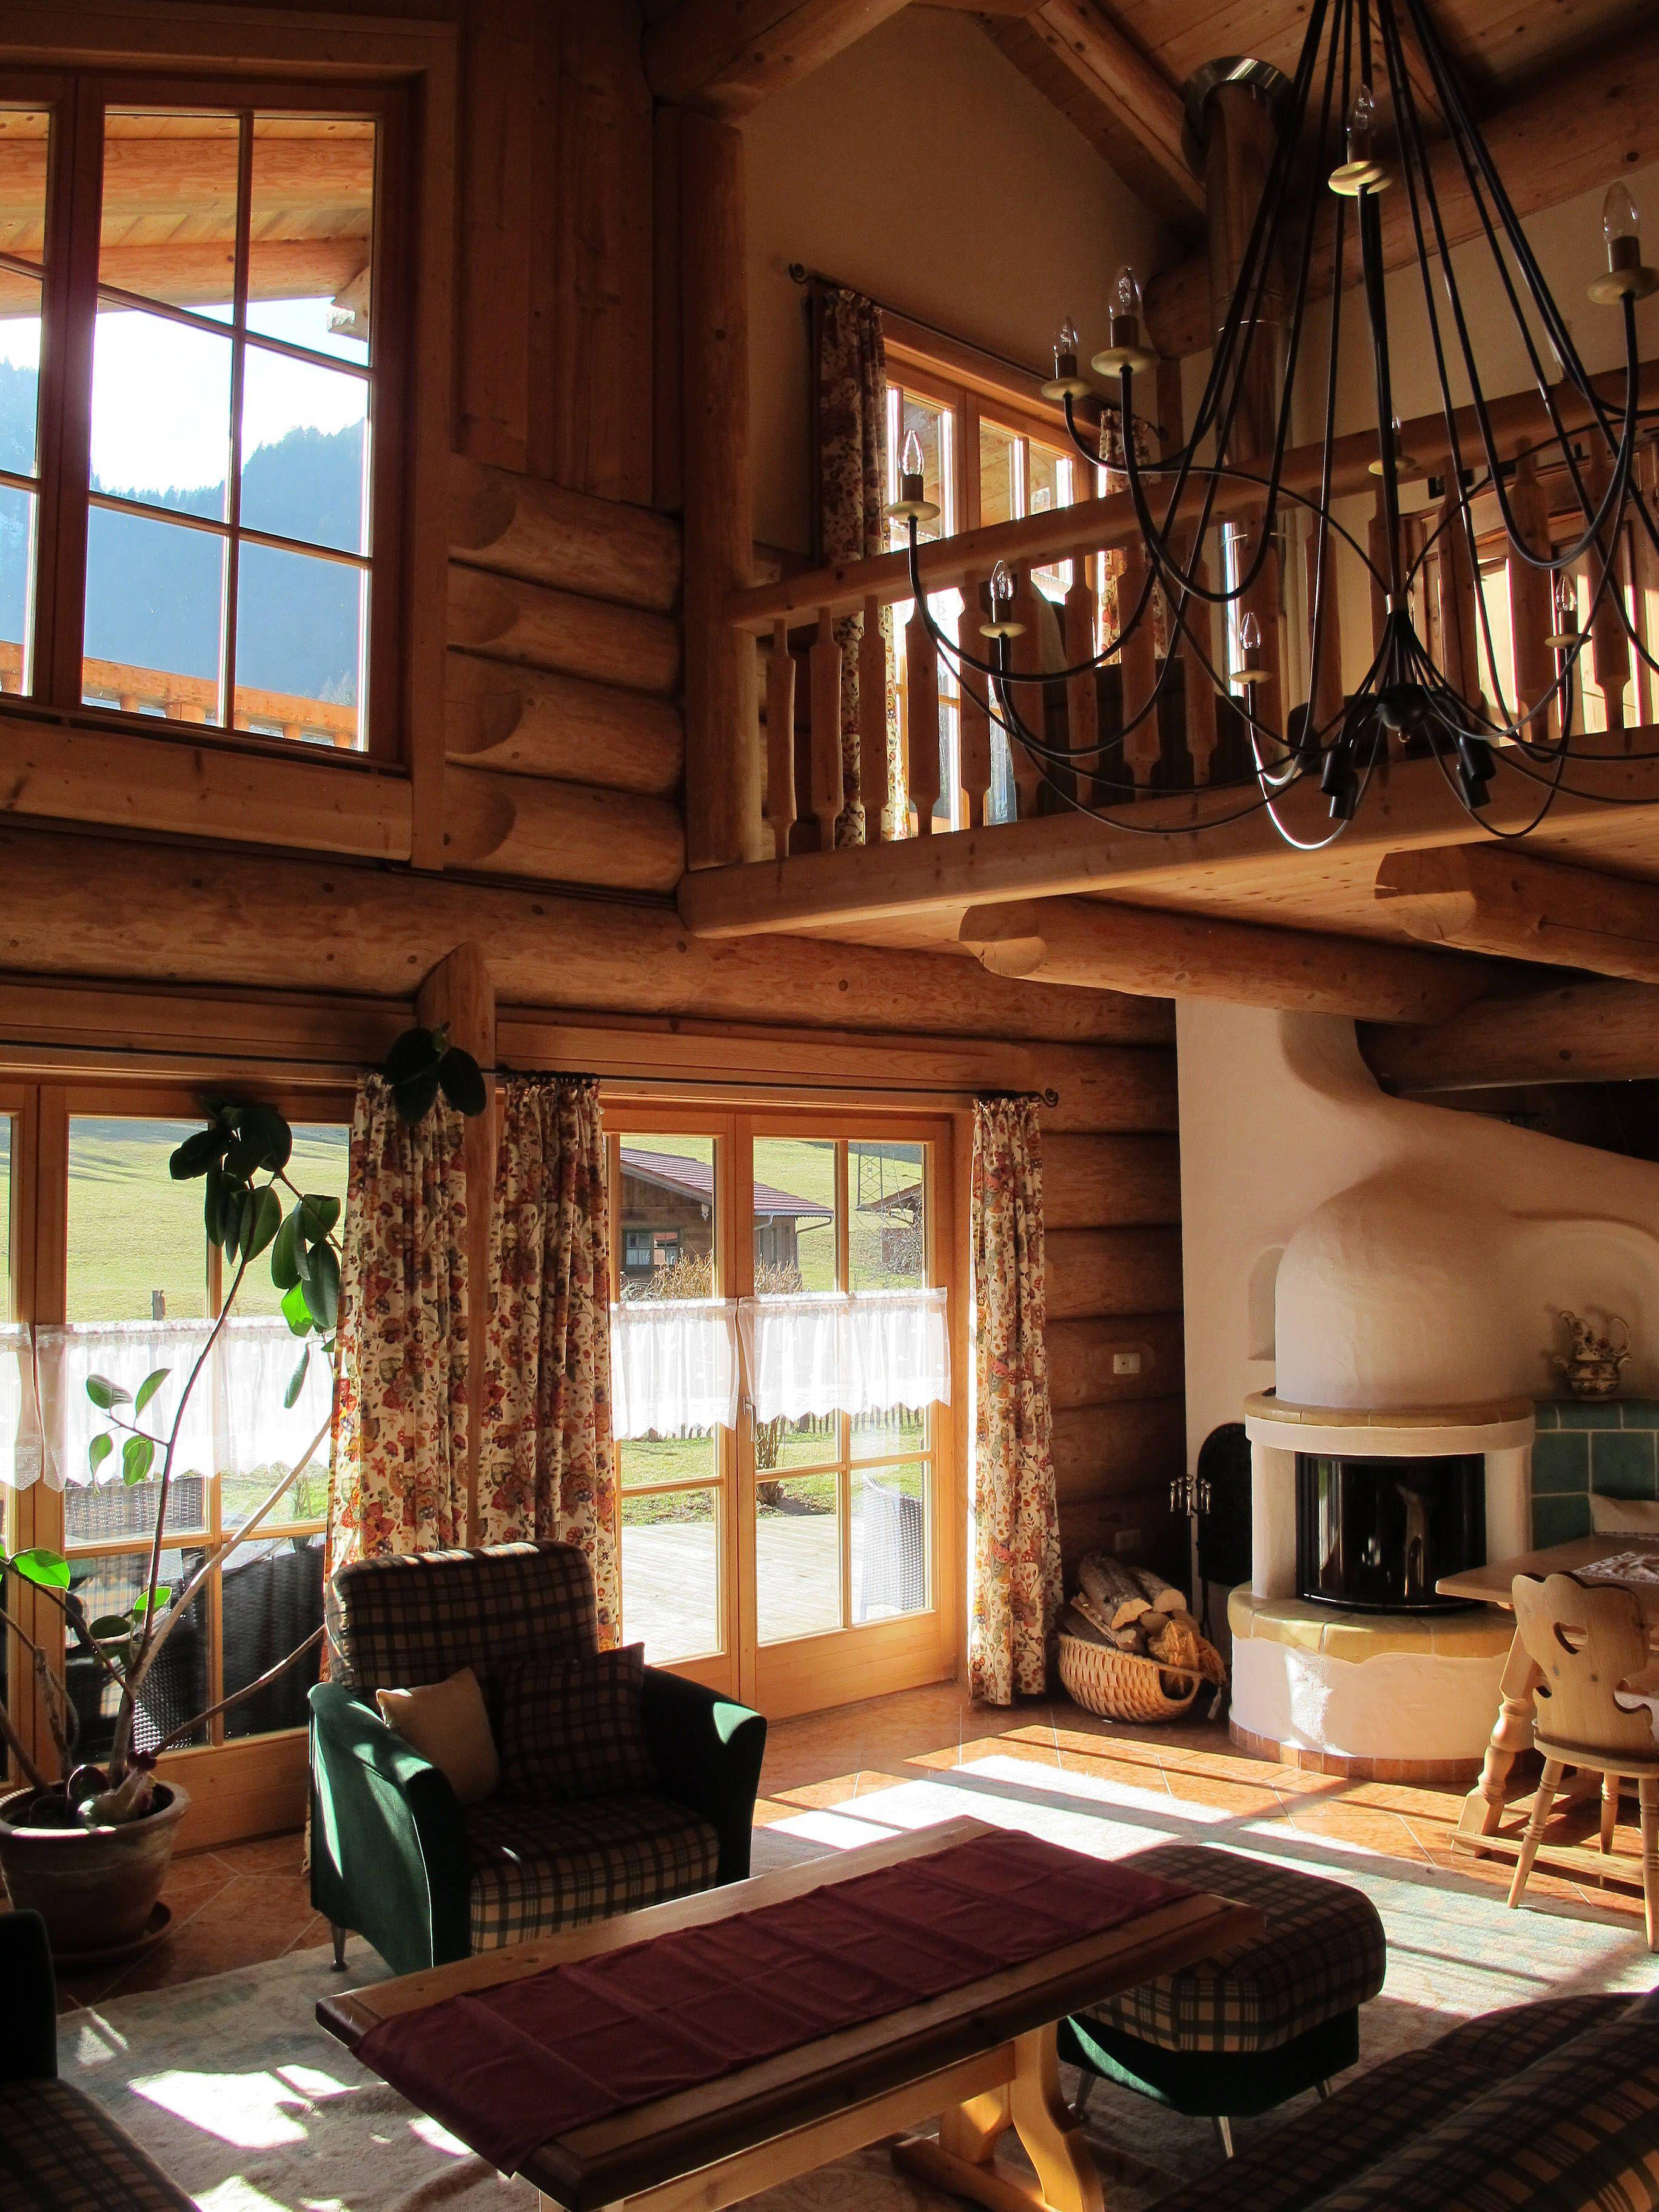 Chalets Apartements Beim Waicher In Ruhpolding Bewertungen Und Verfugbarkeiten Landreise De Style At Home Zuhause Urlaub